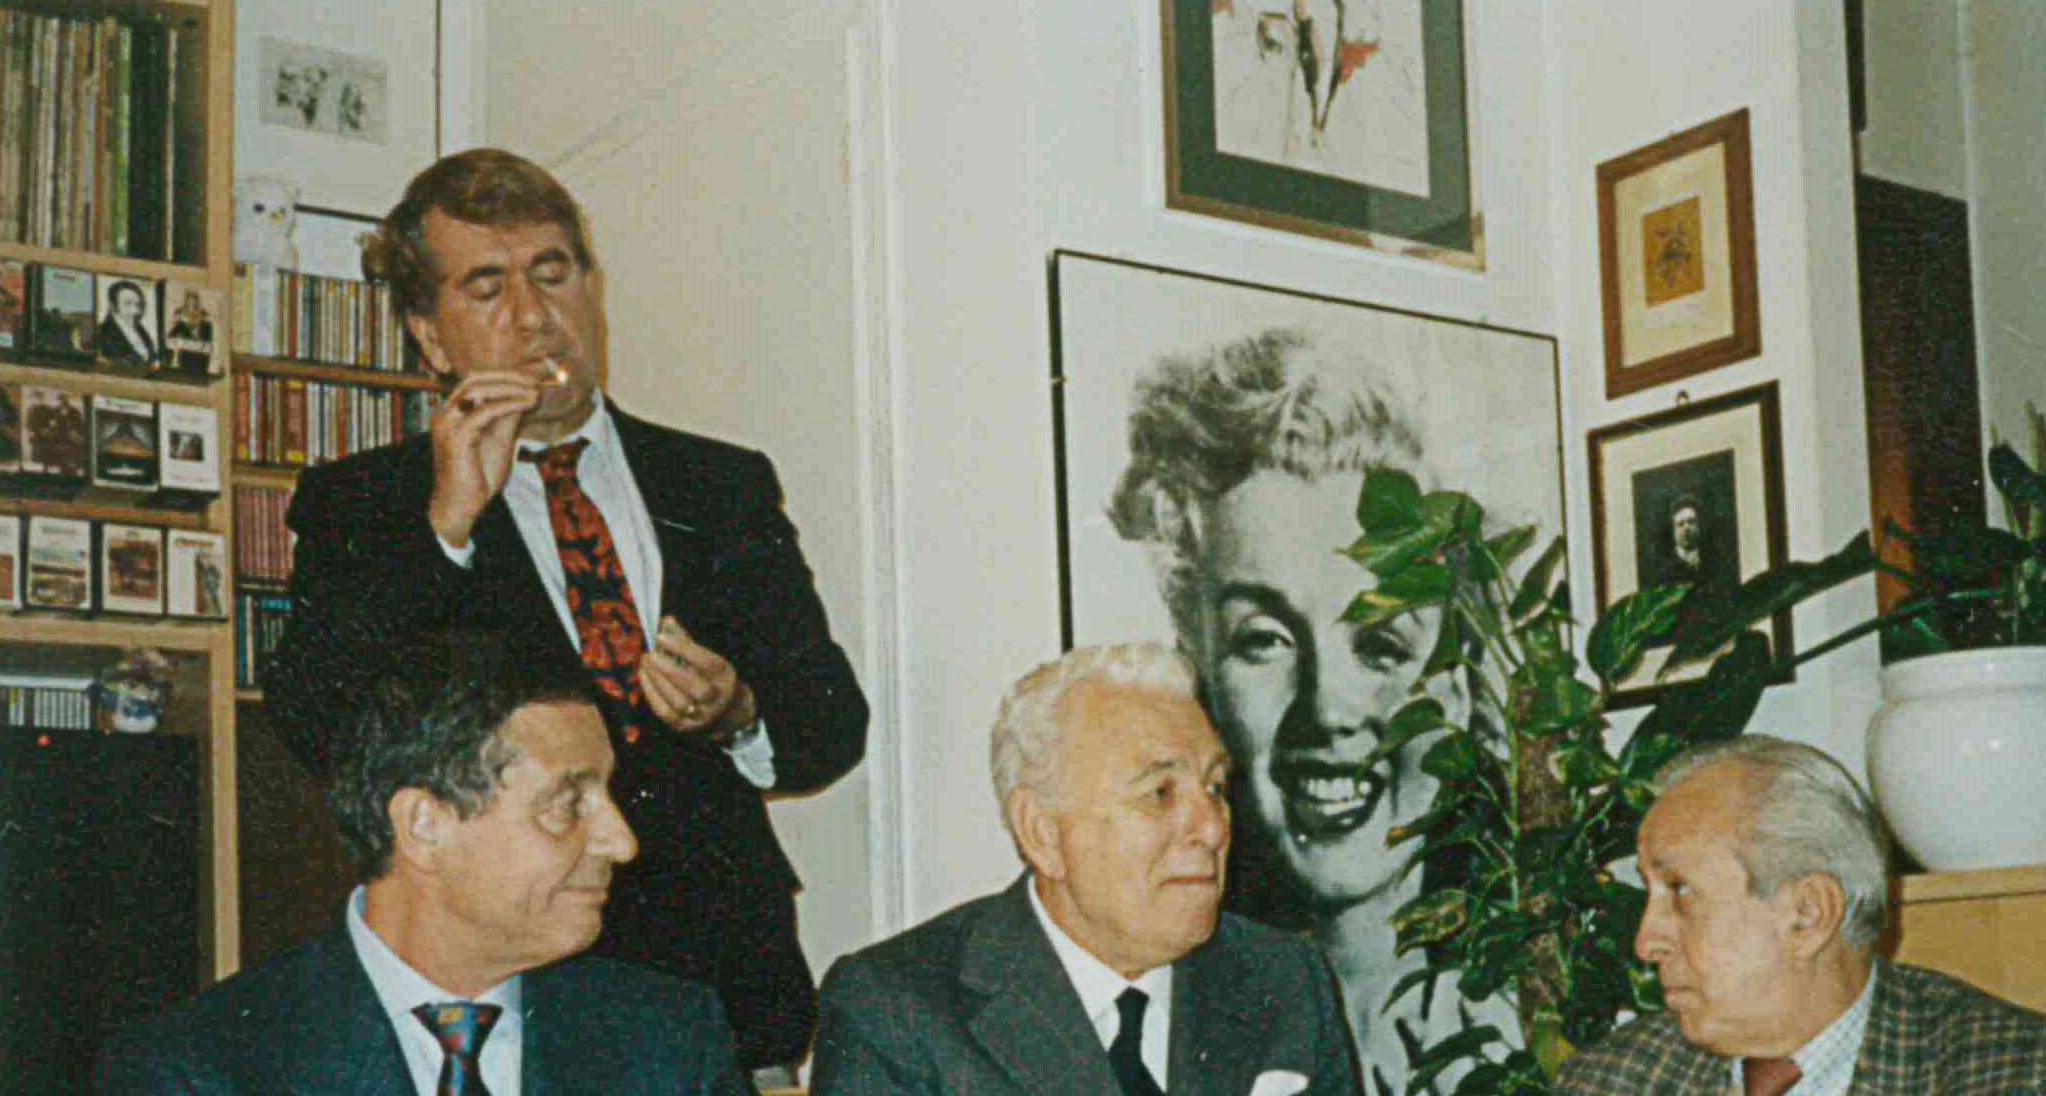 Foto di Maria Luisa Meoni, Siena, 1989 (Archivio Fortini, fondo Carlo Fini); da sinistra: Ruggero Lolini, Attilio Lolini (in piedi), Franco Fortini, Carlo Fini.